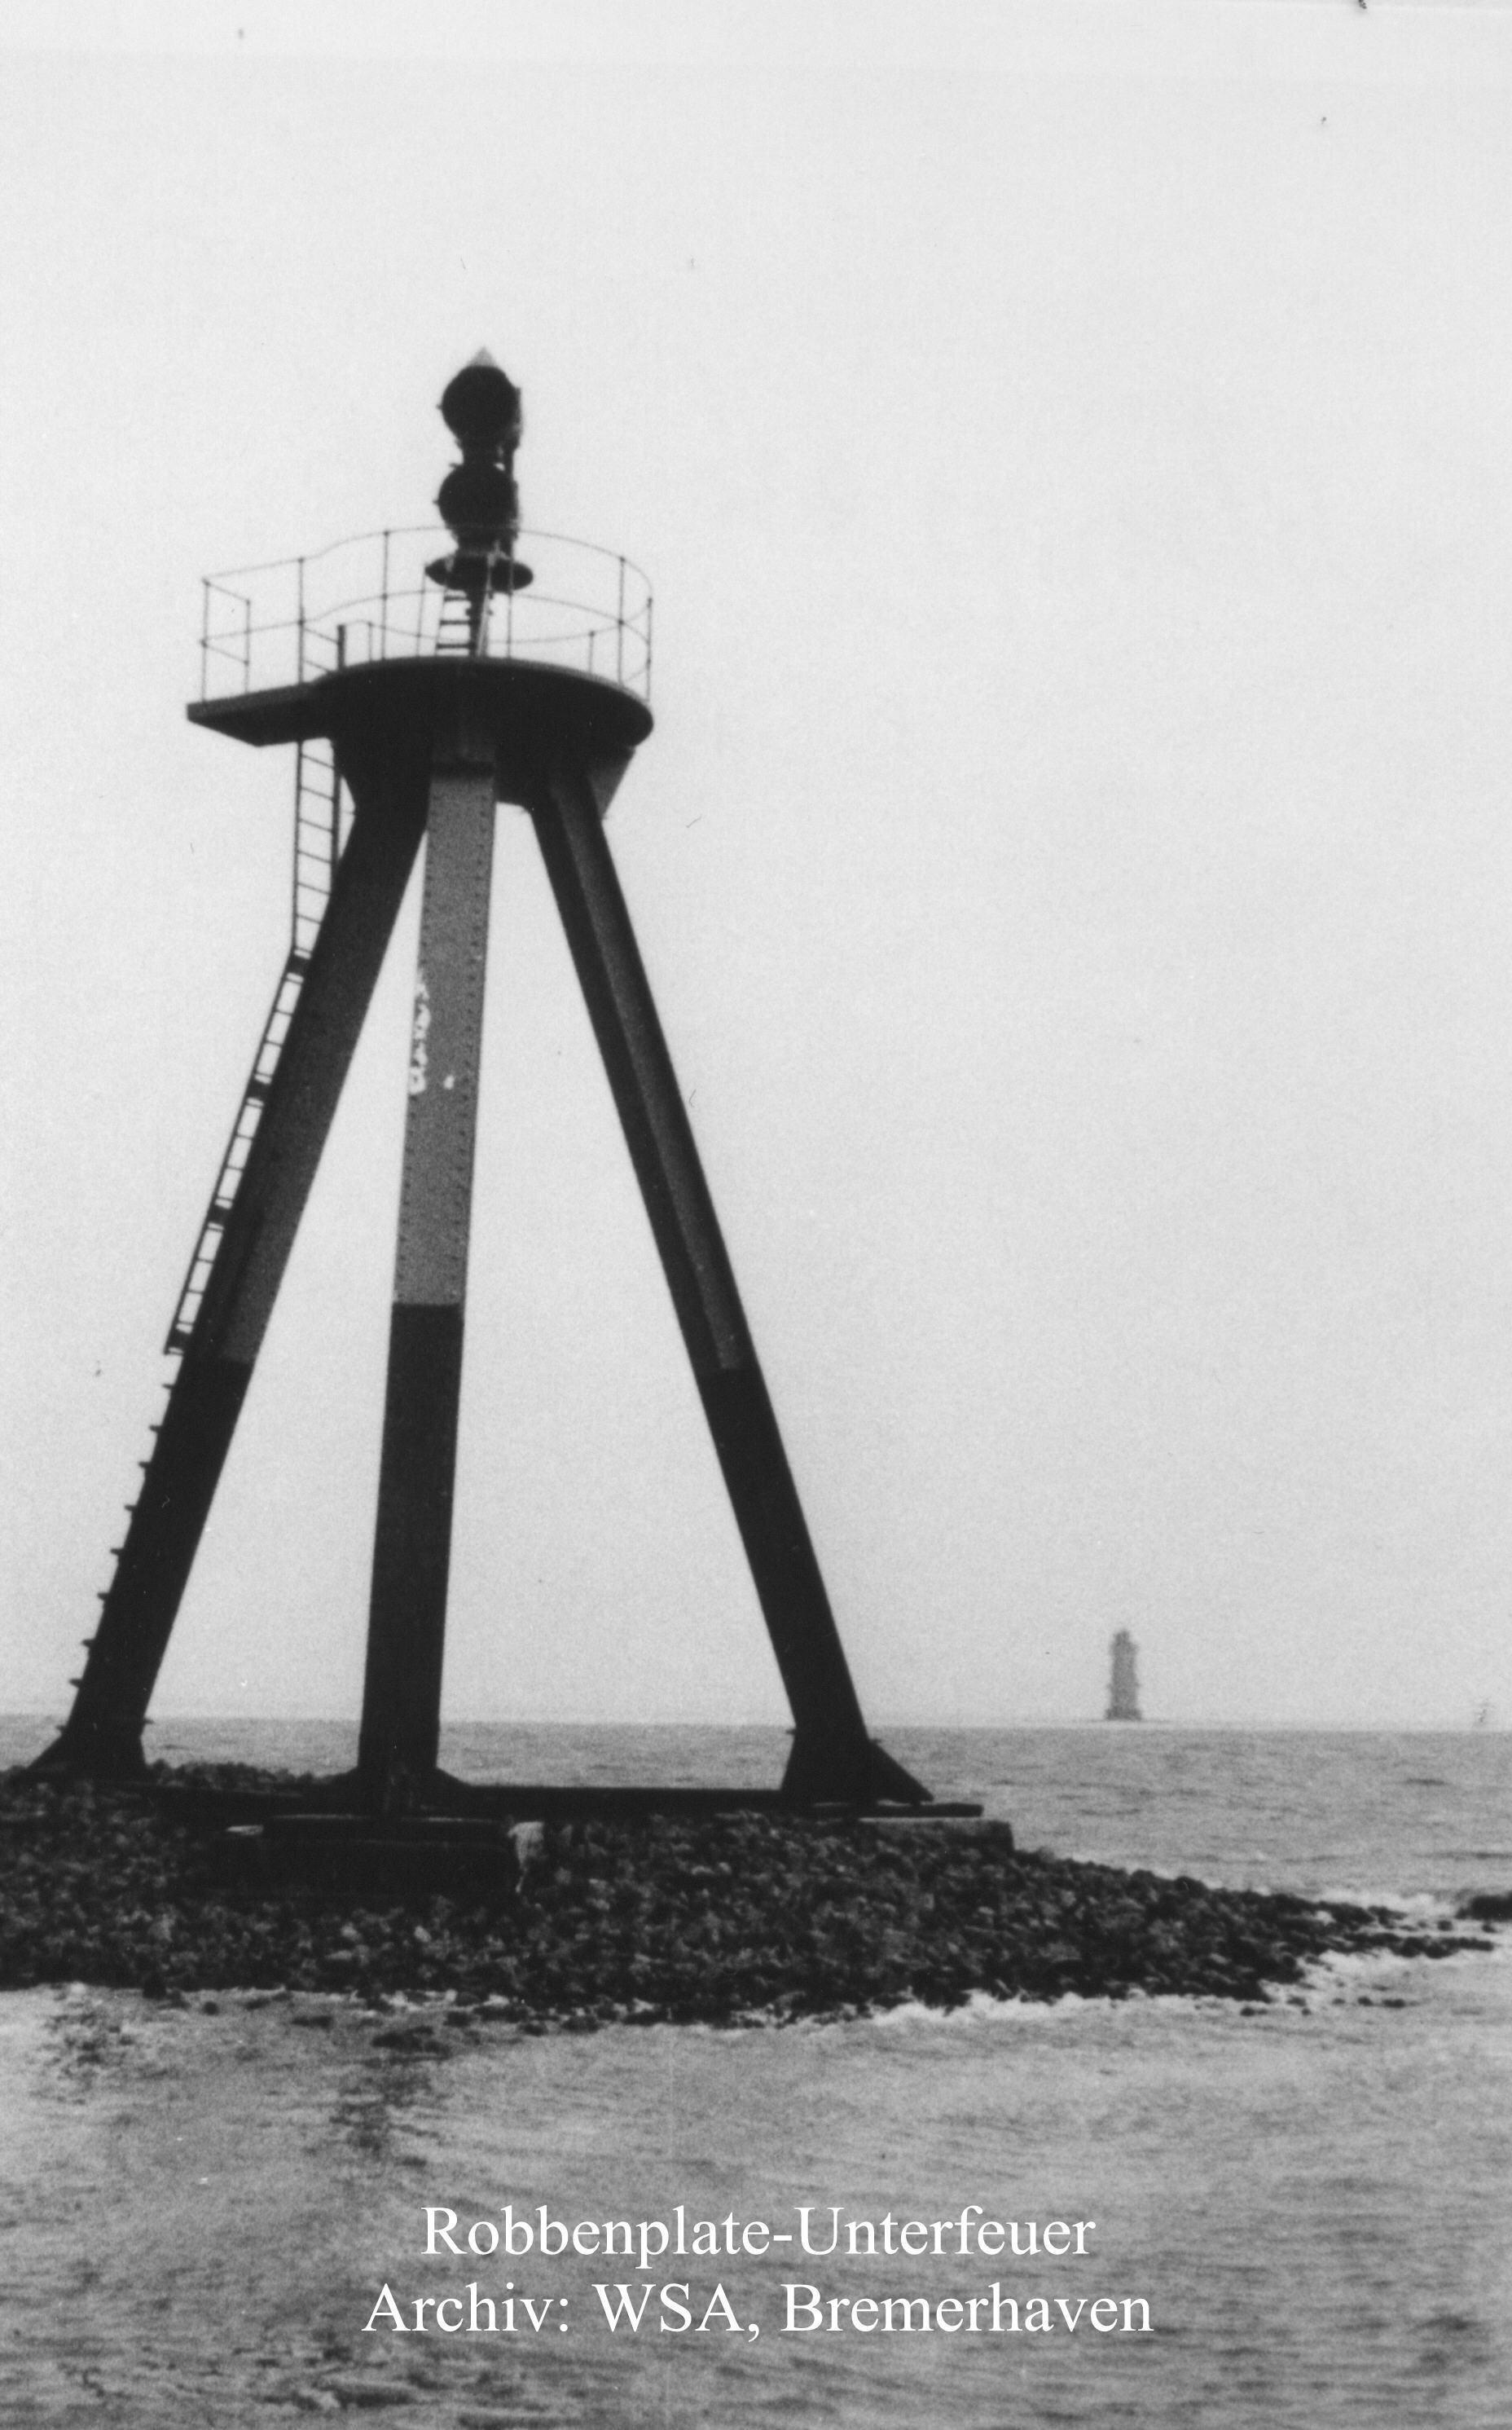 Robbenplate Unterfeuer 1931